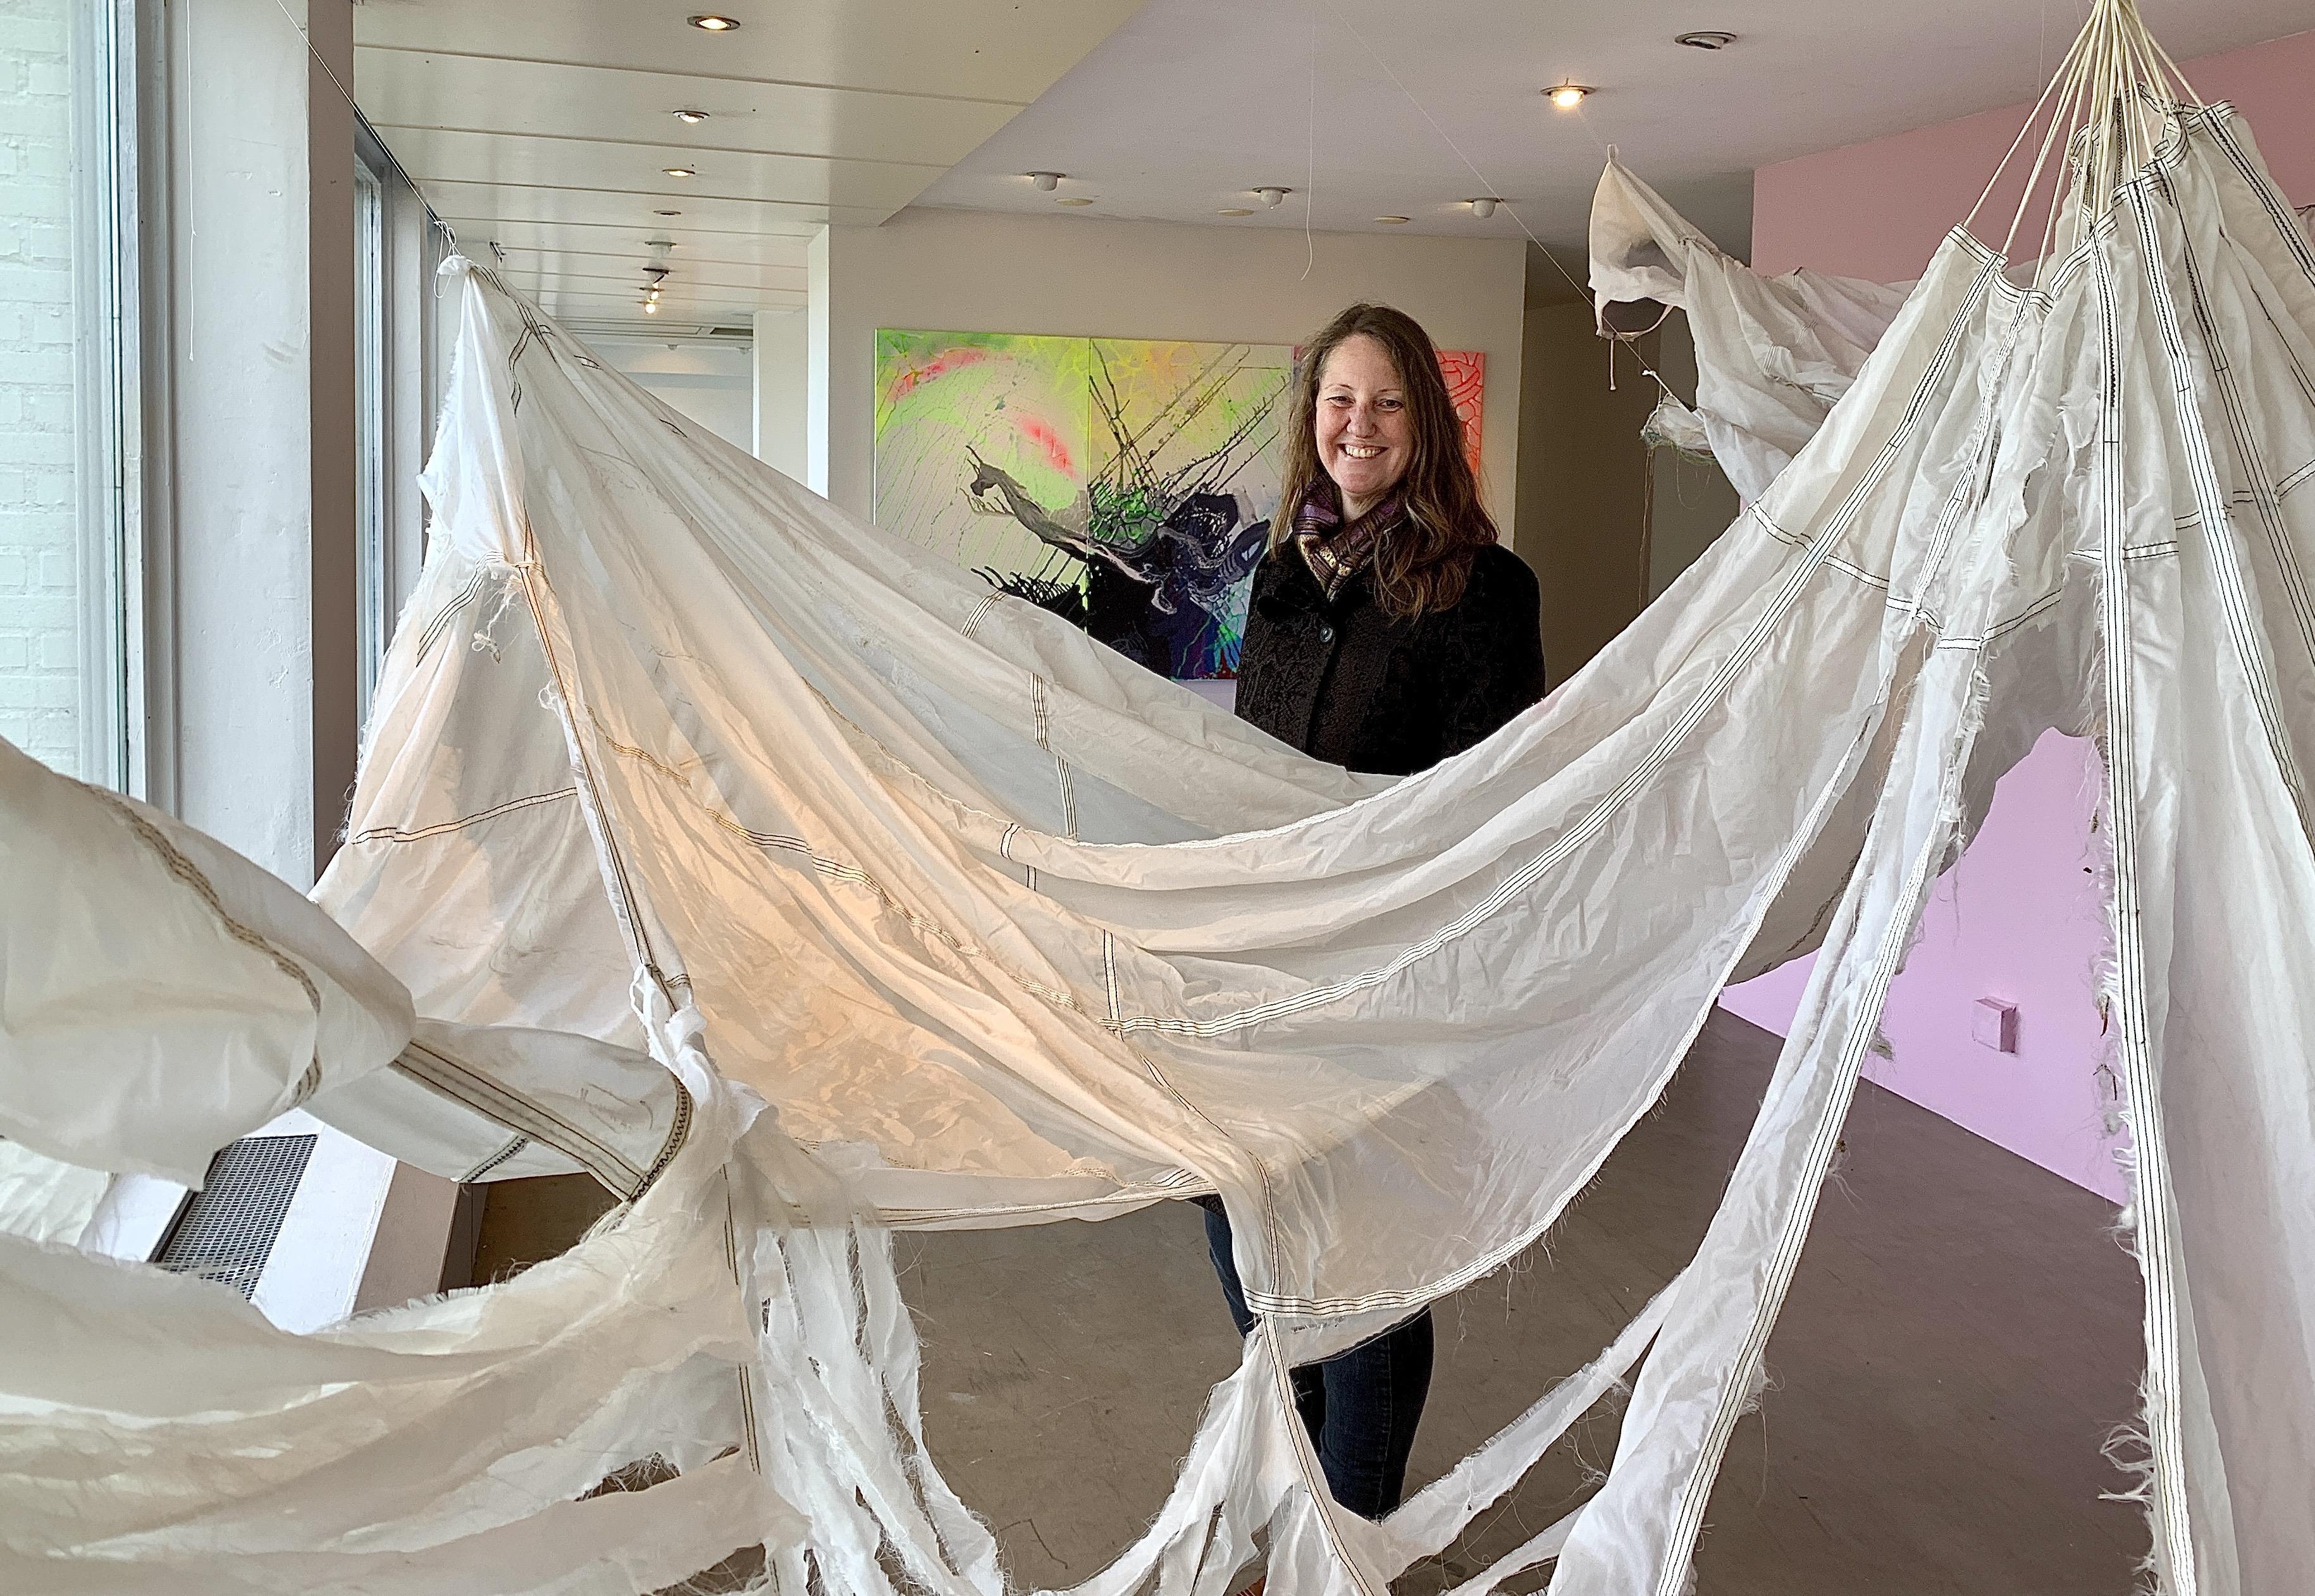 Onderweg: Kunstenares Sonja Doevendans (45) heeft altijd een enorme gedrevenheid gehad om te maken wat er in haar hoofd opkomt. ,,Maken moet. Als ik dat niet kan word ik knettergek.''